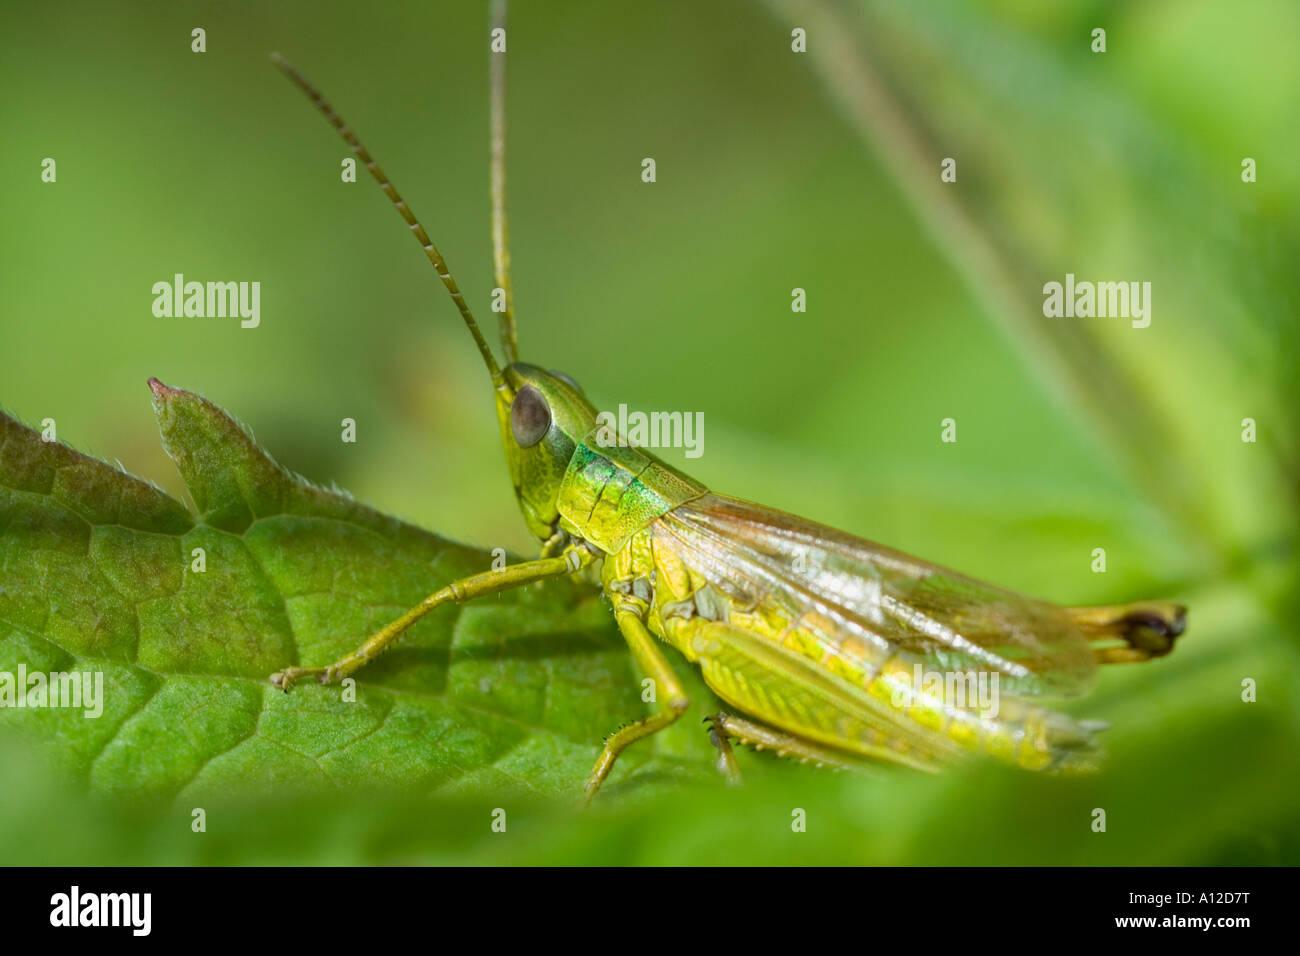 Heuschrecke Oedipoda Caerulescens sitzt auf einem Blatt Stockfoto